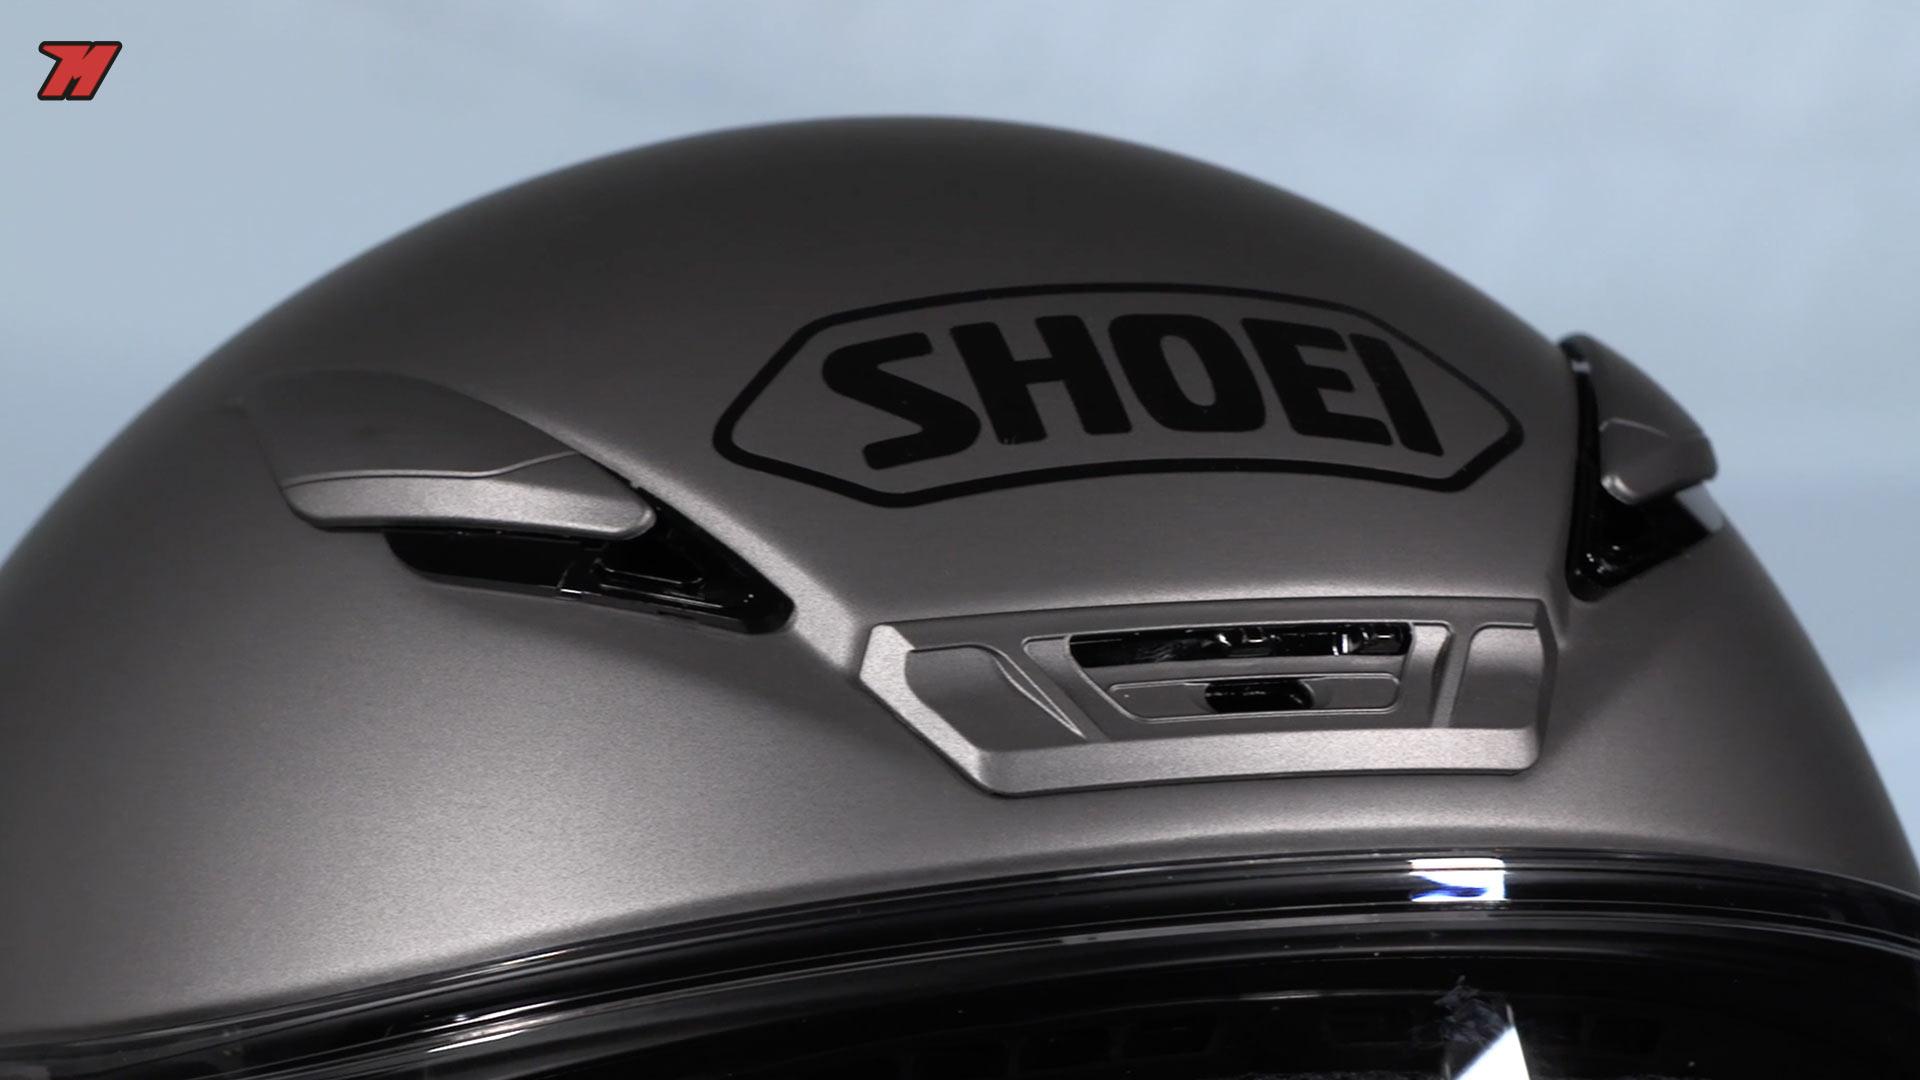 les 5 meilleurs casques pour une moto roadster motocard. Black Bedroom Furniture Sets. Home Design Ideas